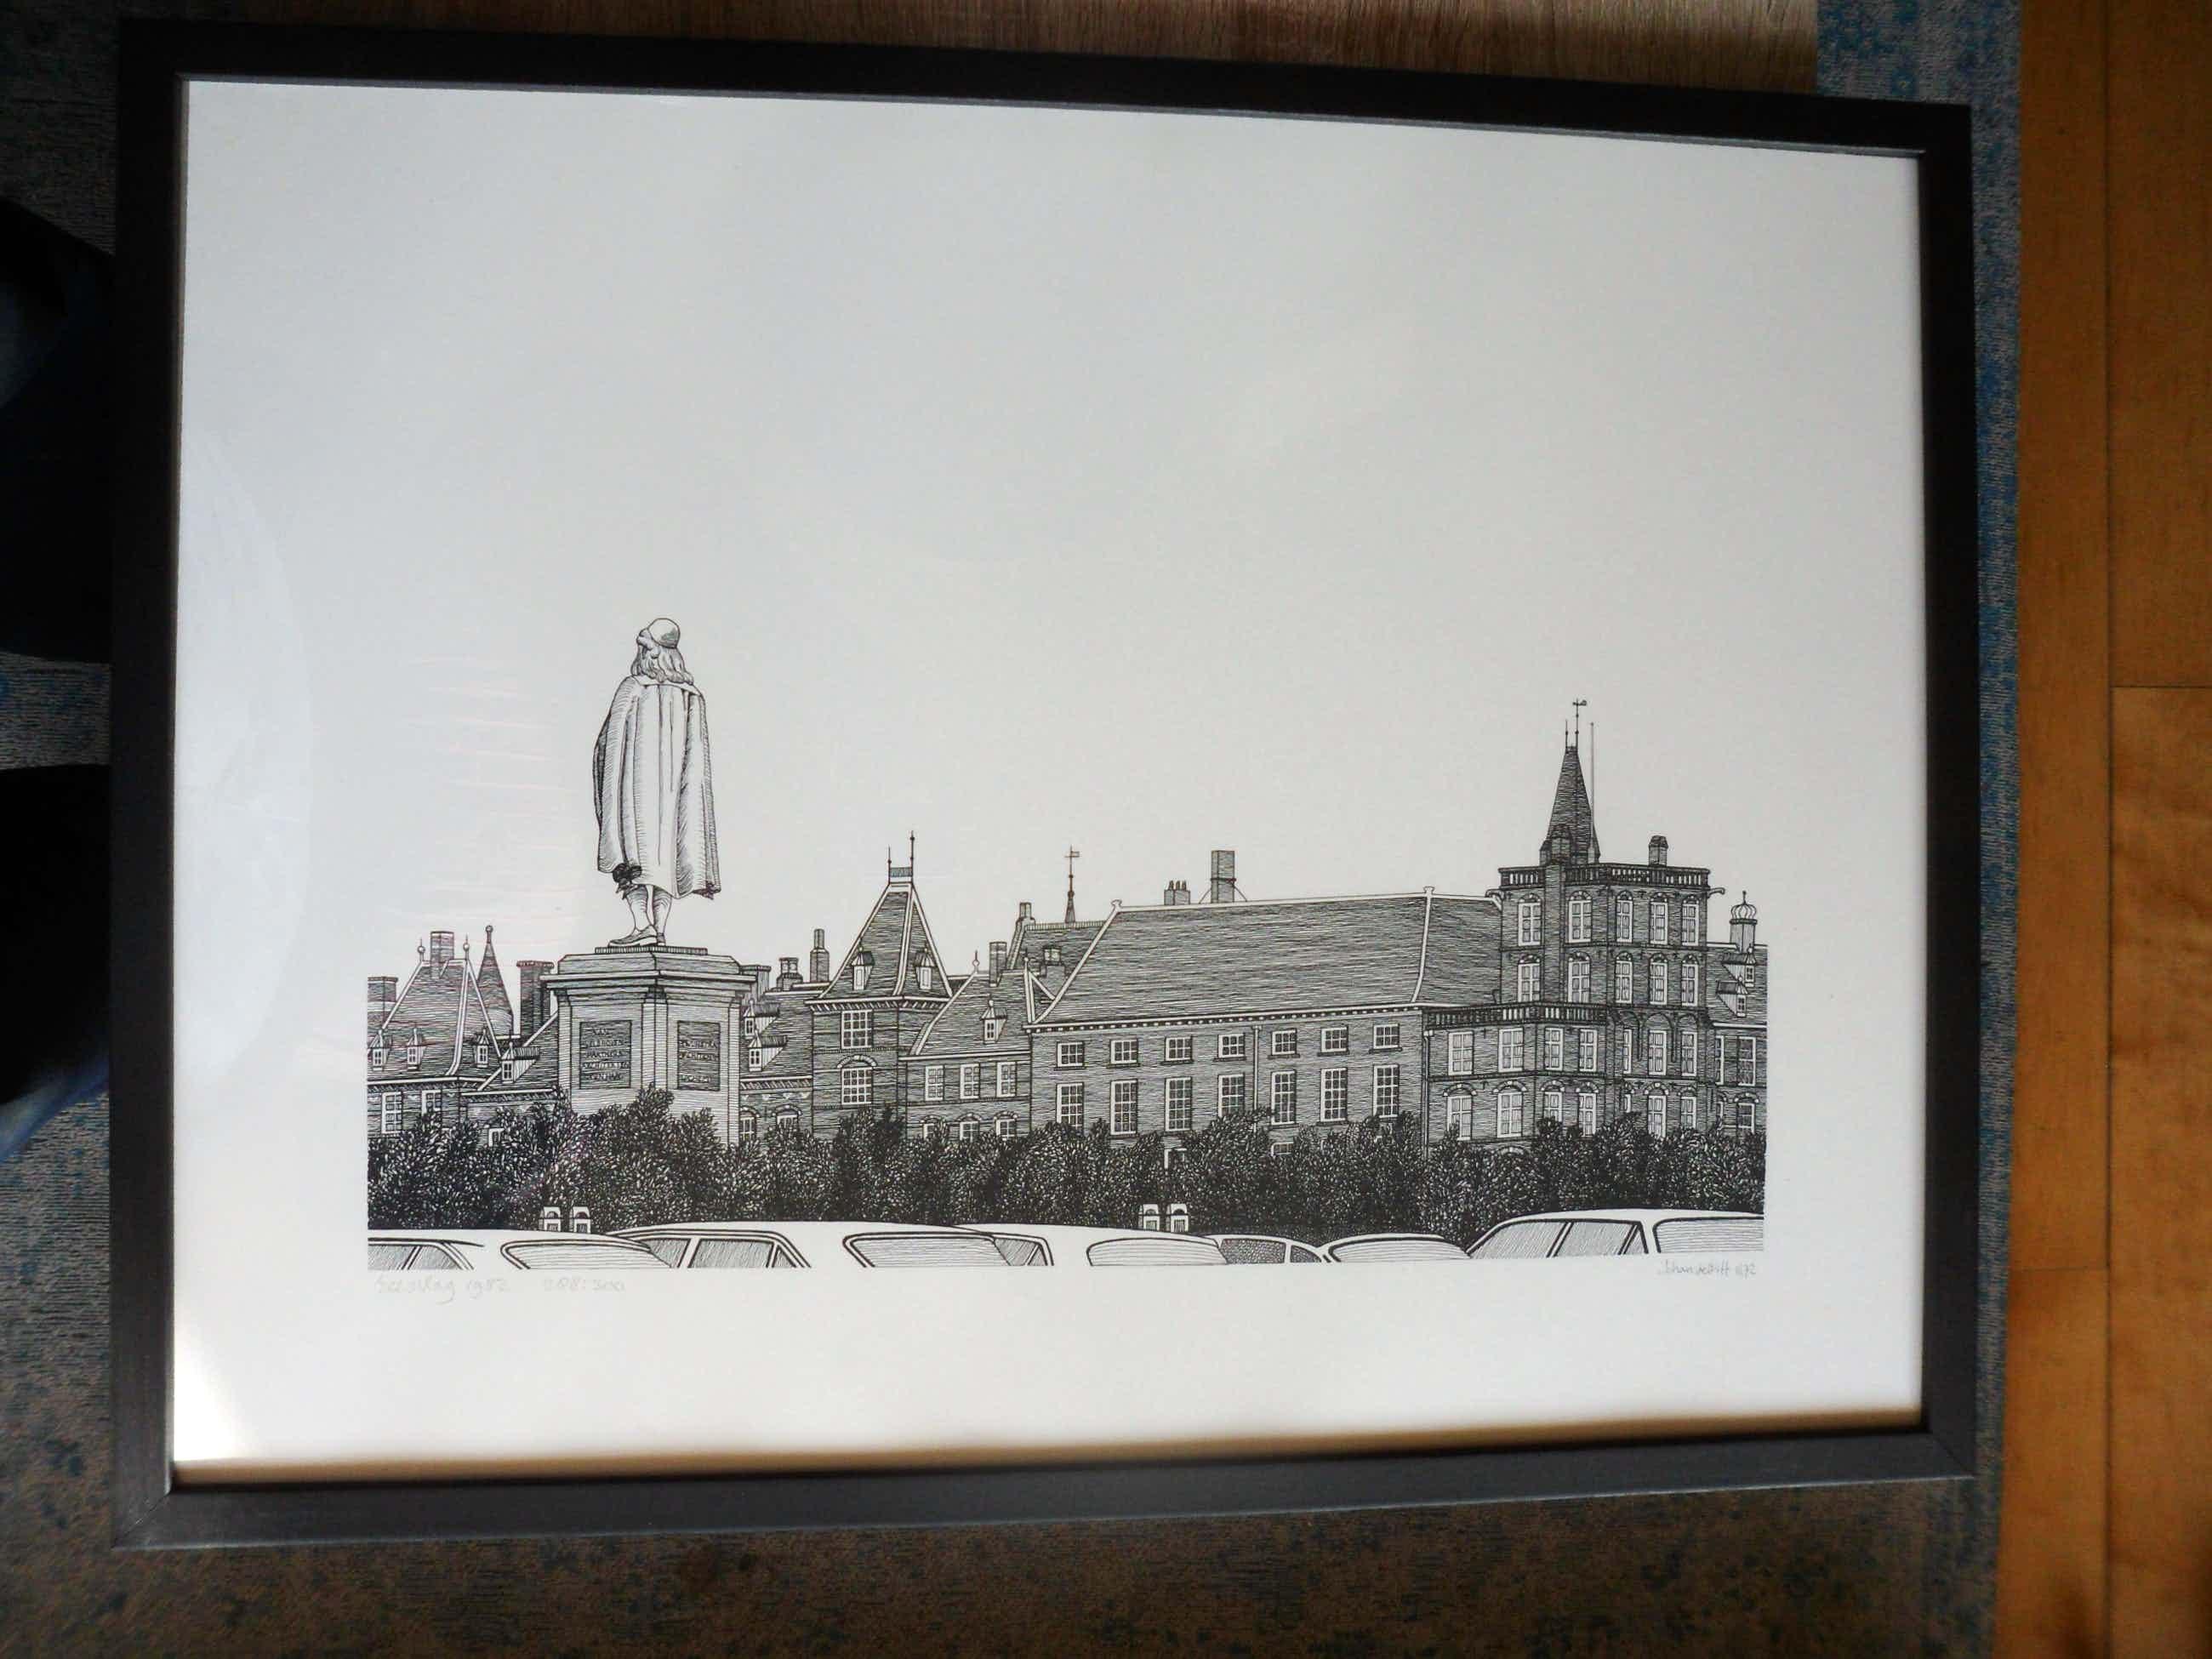 Sees Vlag - Zeefdruk, Plein met beeld van Johan de Witt kopen? Bied vanaf 80!